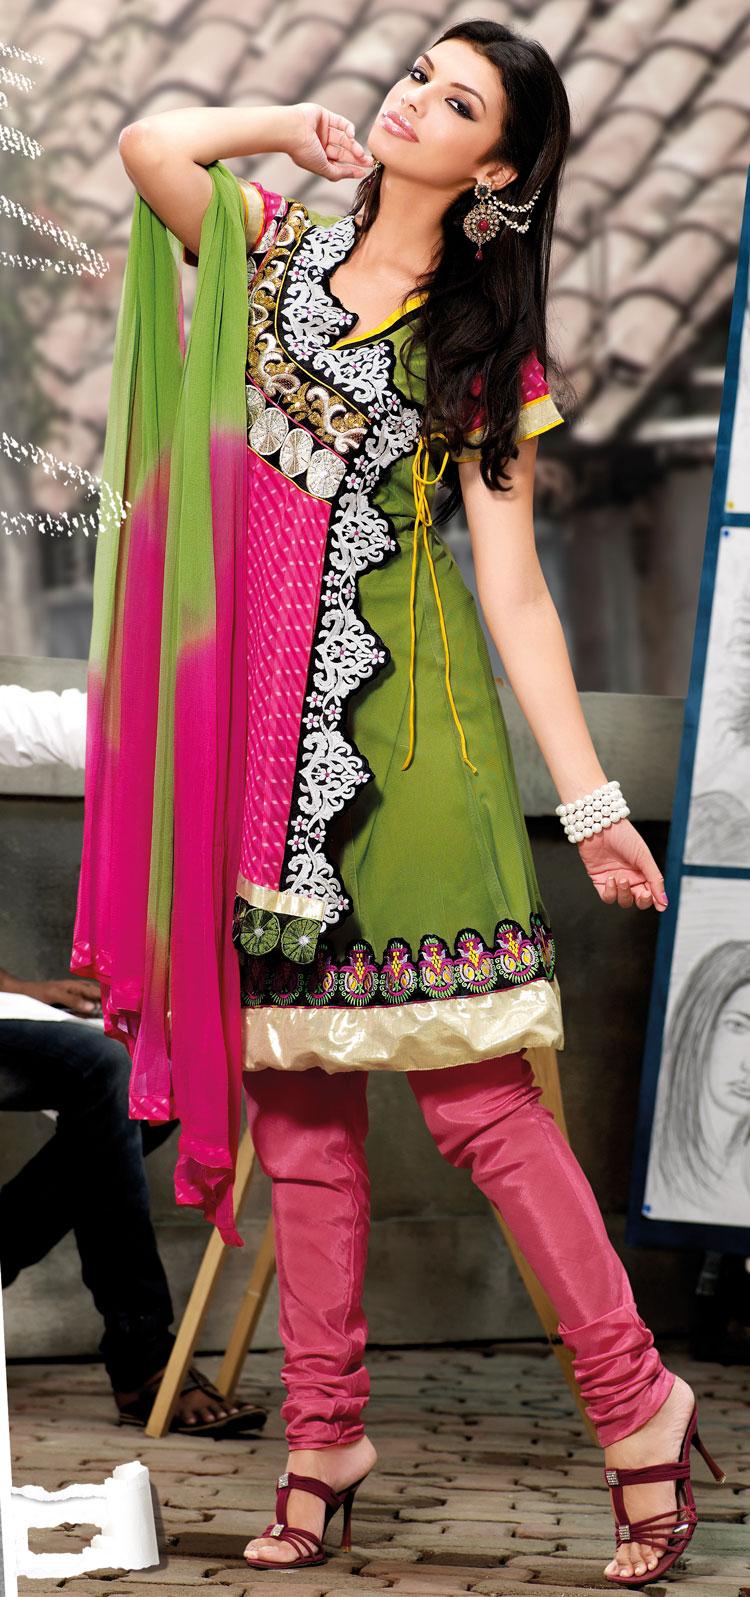 Indian Cultural Shalwar Kameez Dresses Of 2012 Online